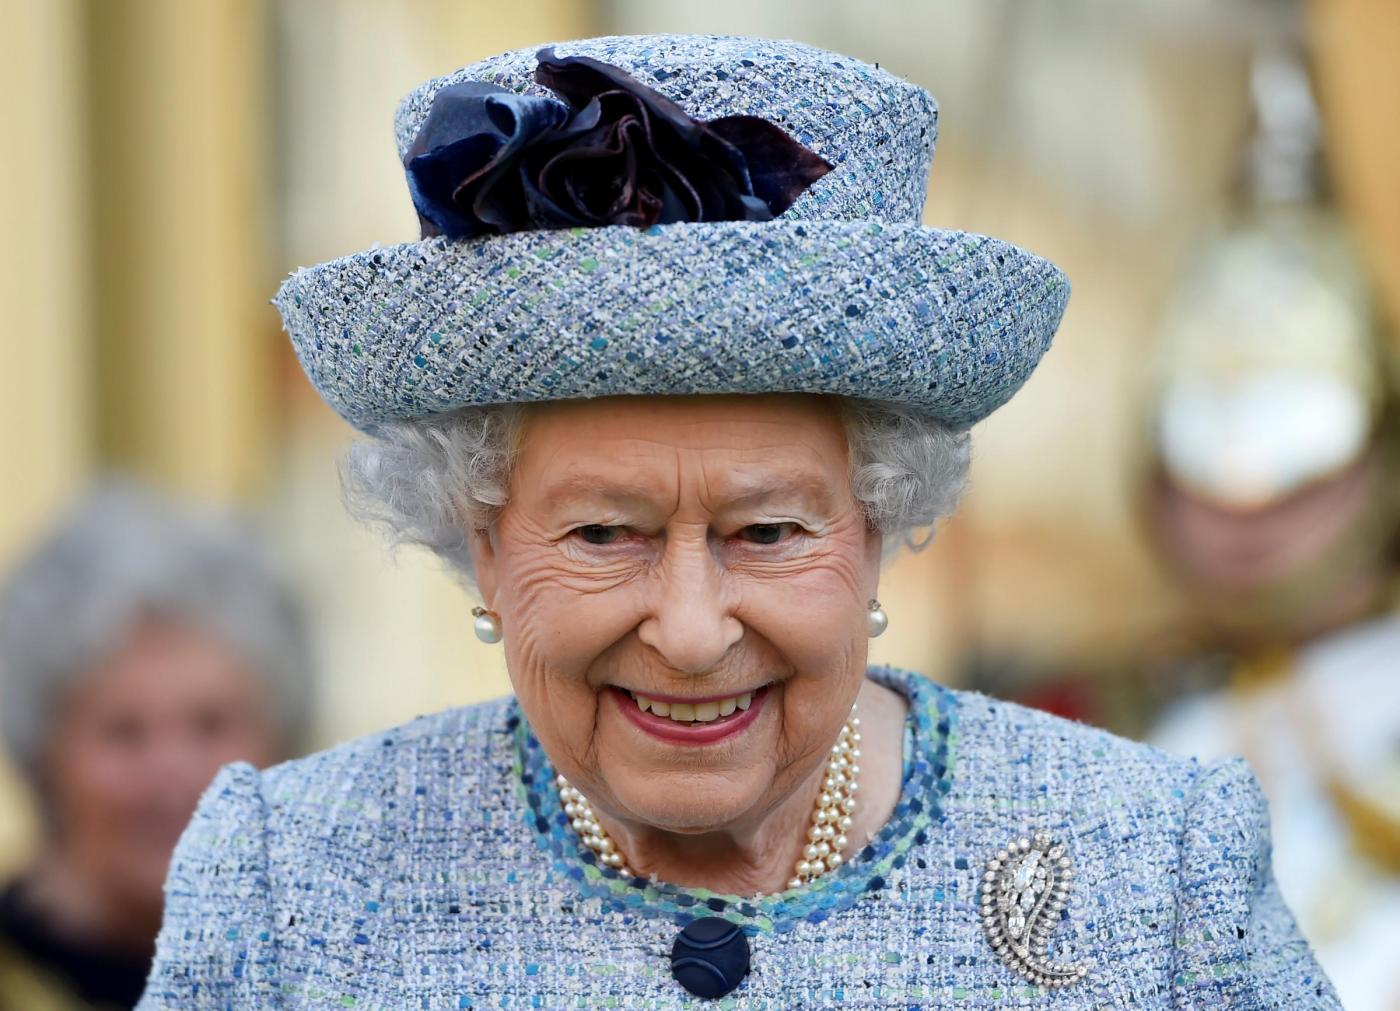 Morte della Regina Elisabetta II, svelato il dossier segreto: è l'operazione London Bridge